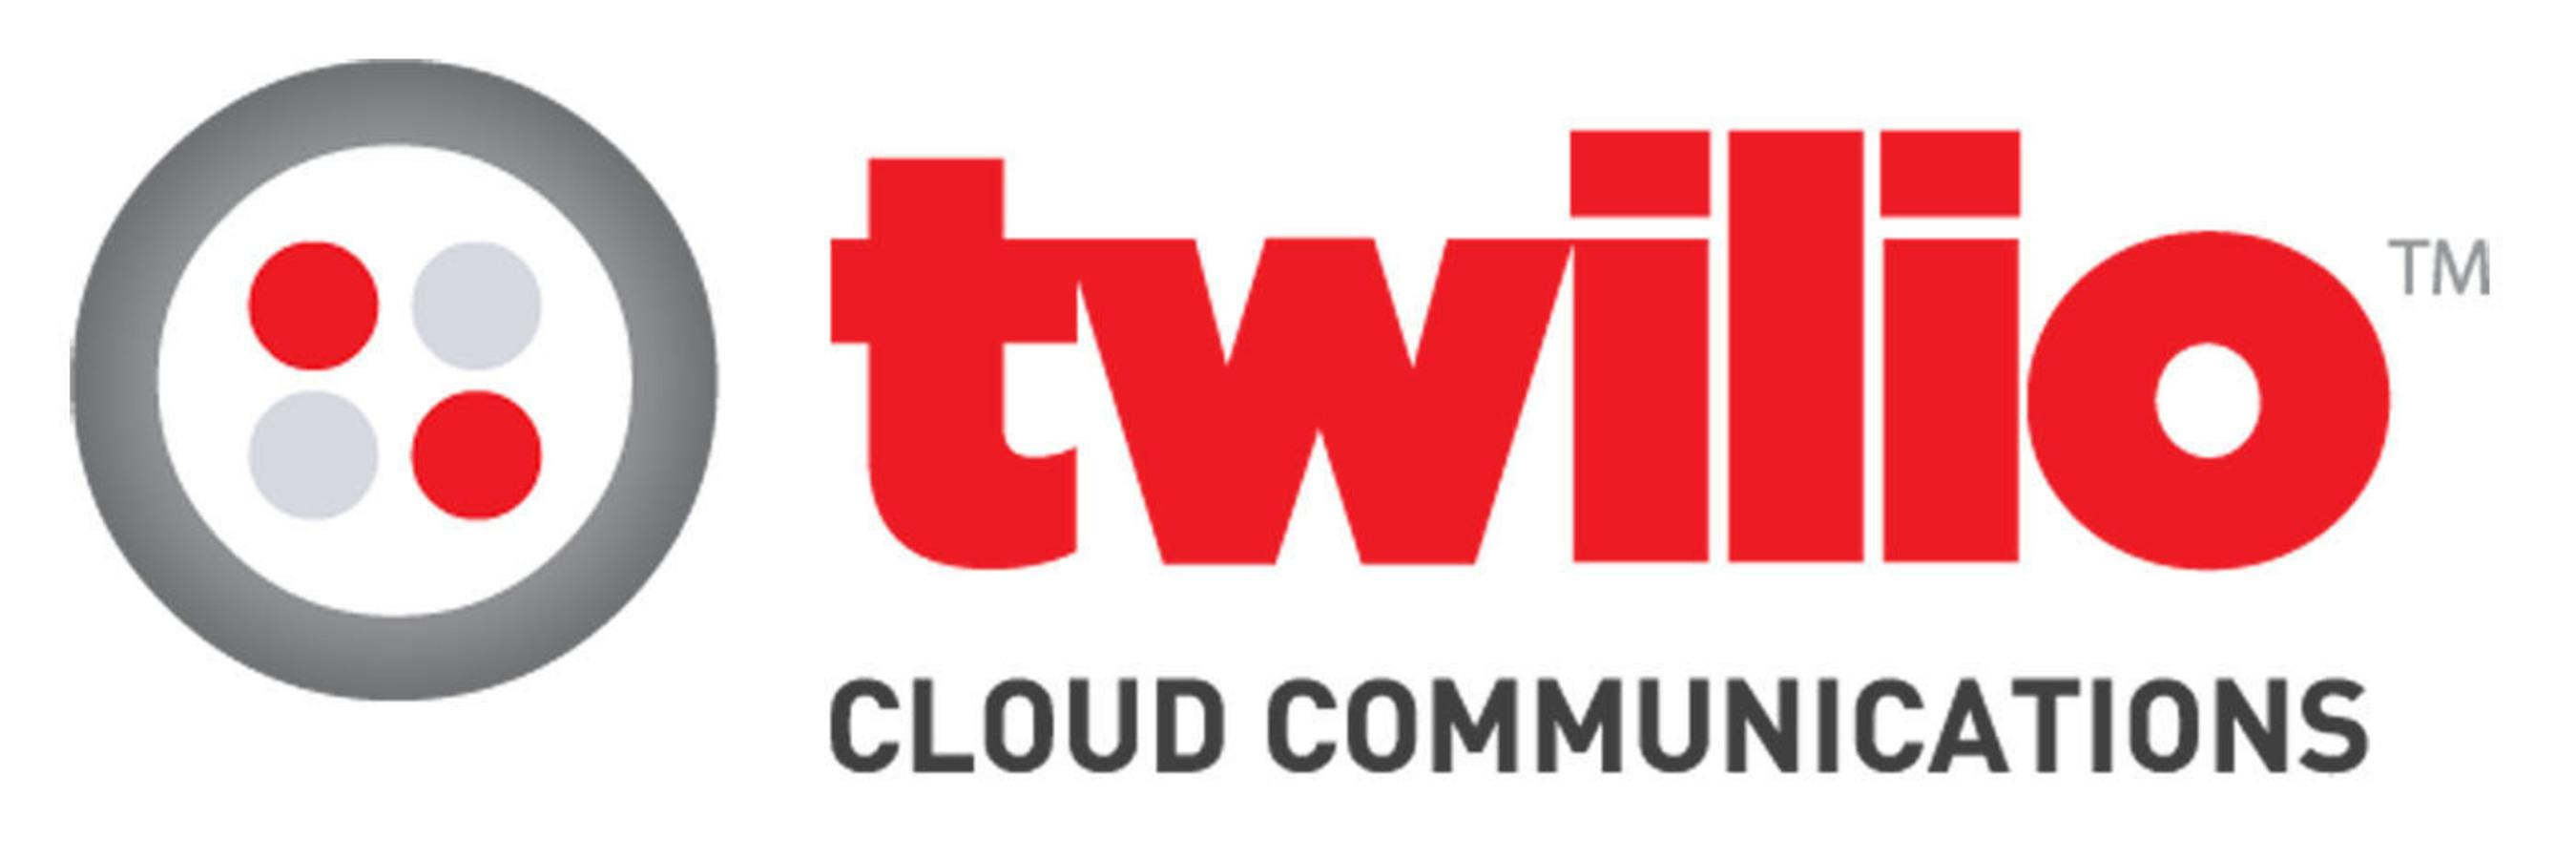 Twilio. (PRNewsFoto/Twilio) (PRNewsFoto/)